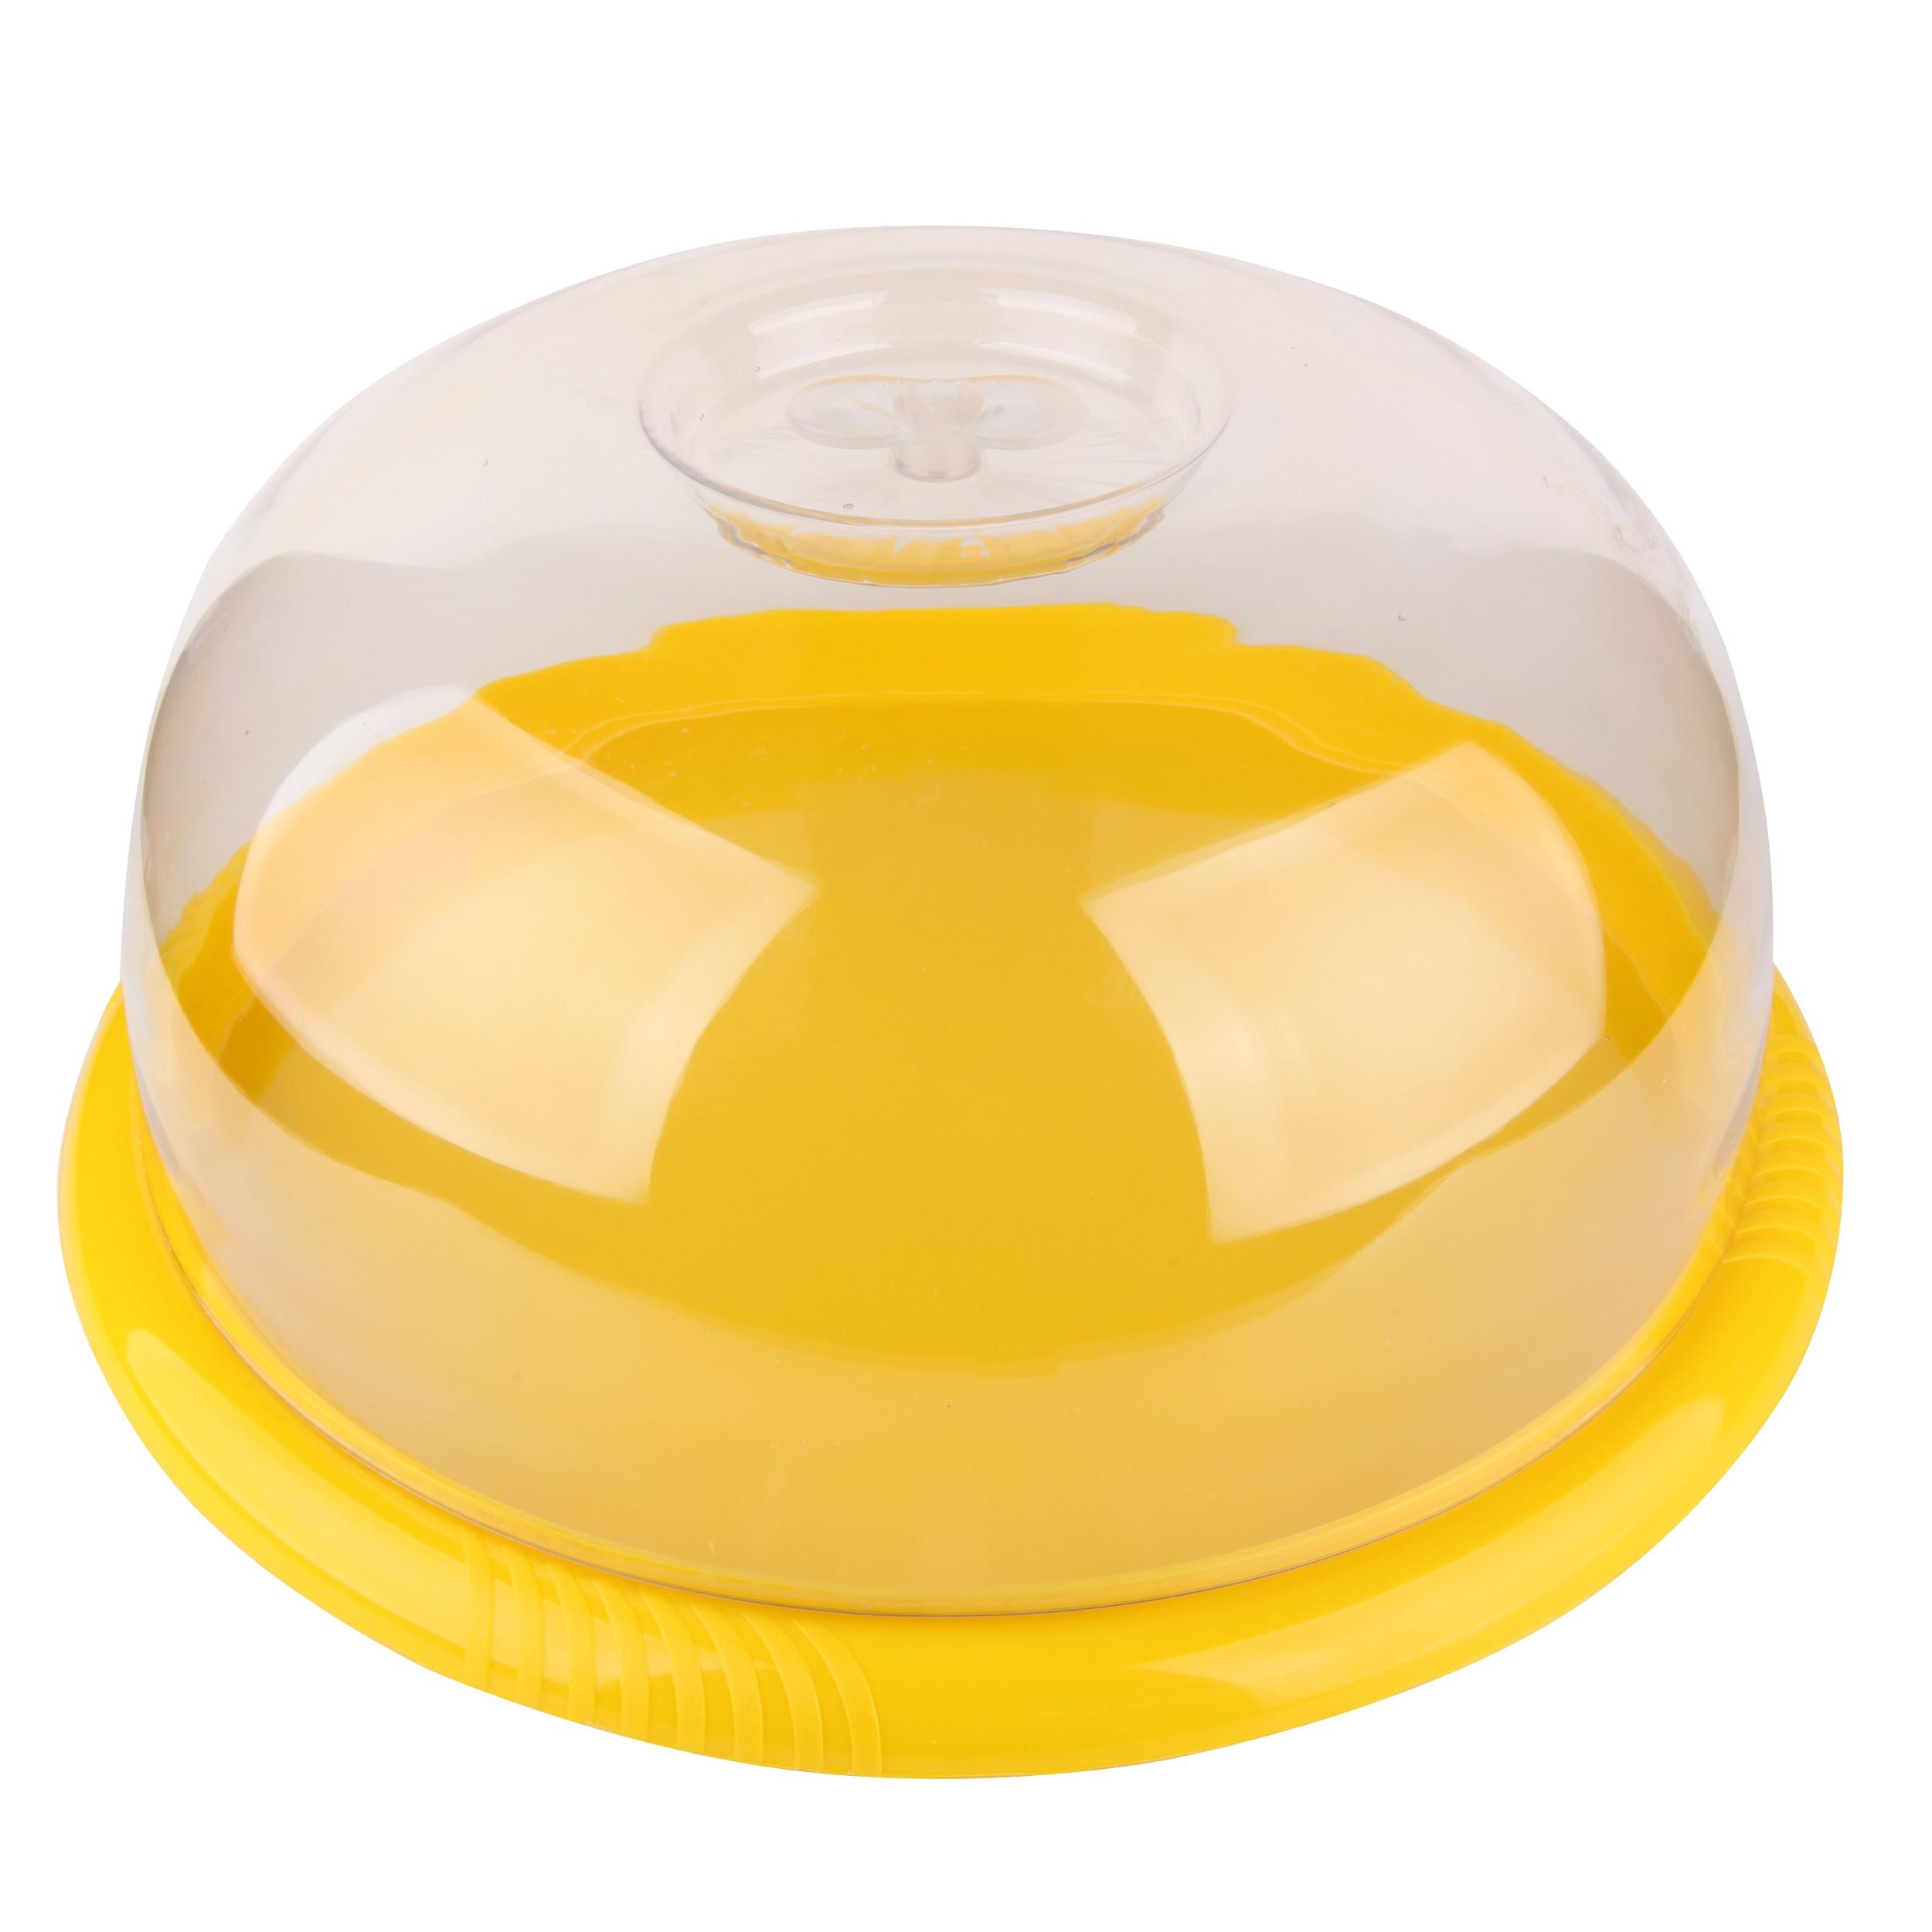 ظرف سرو کیک یکبار مصرف مدل ST113